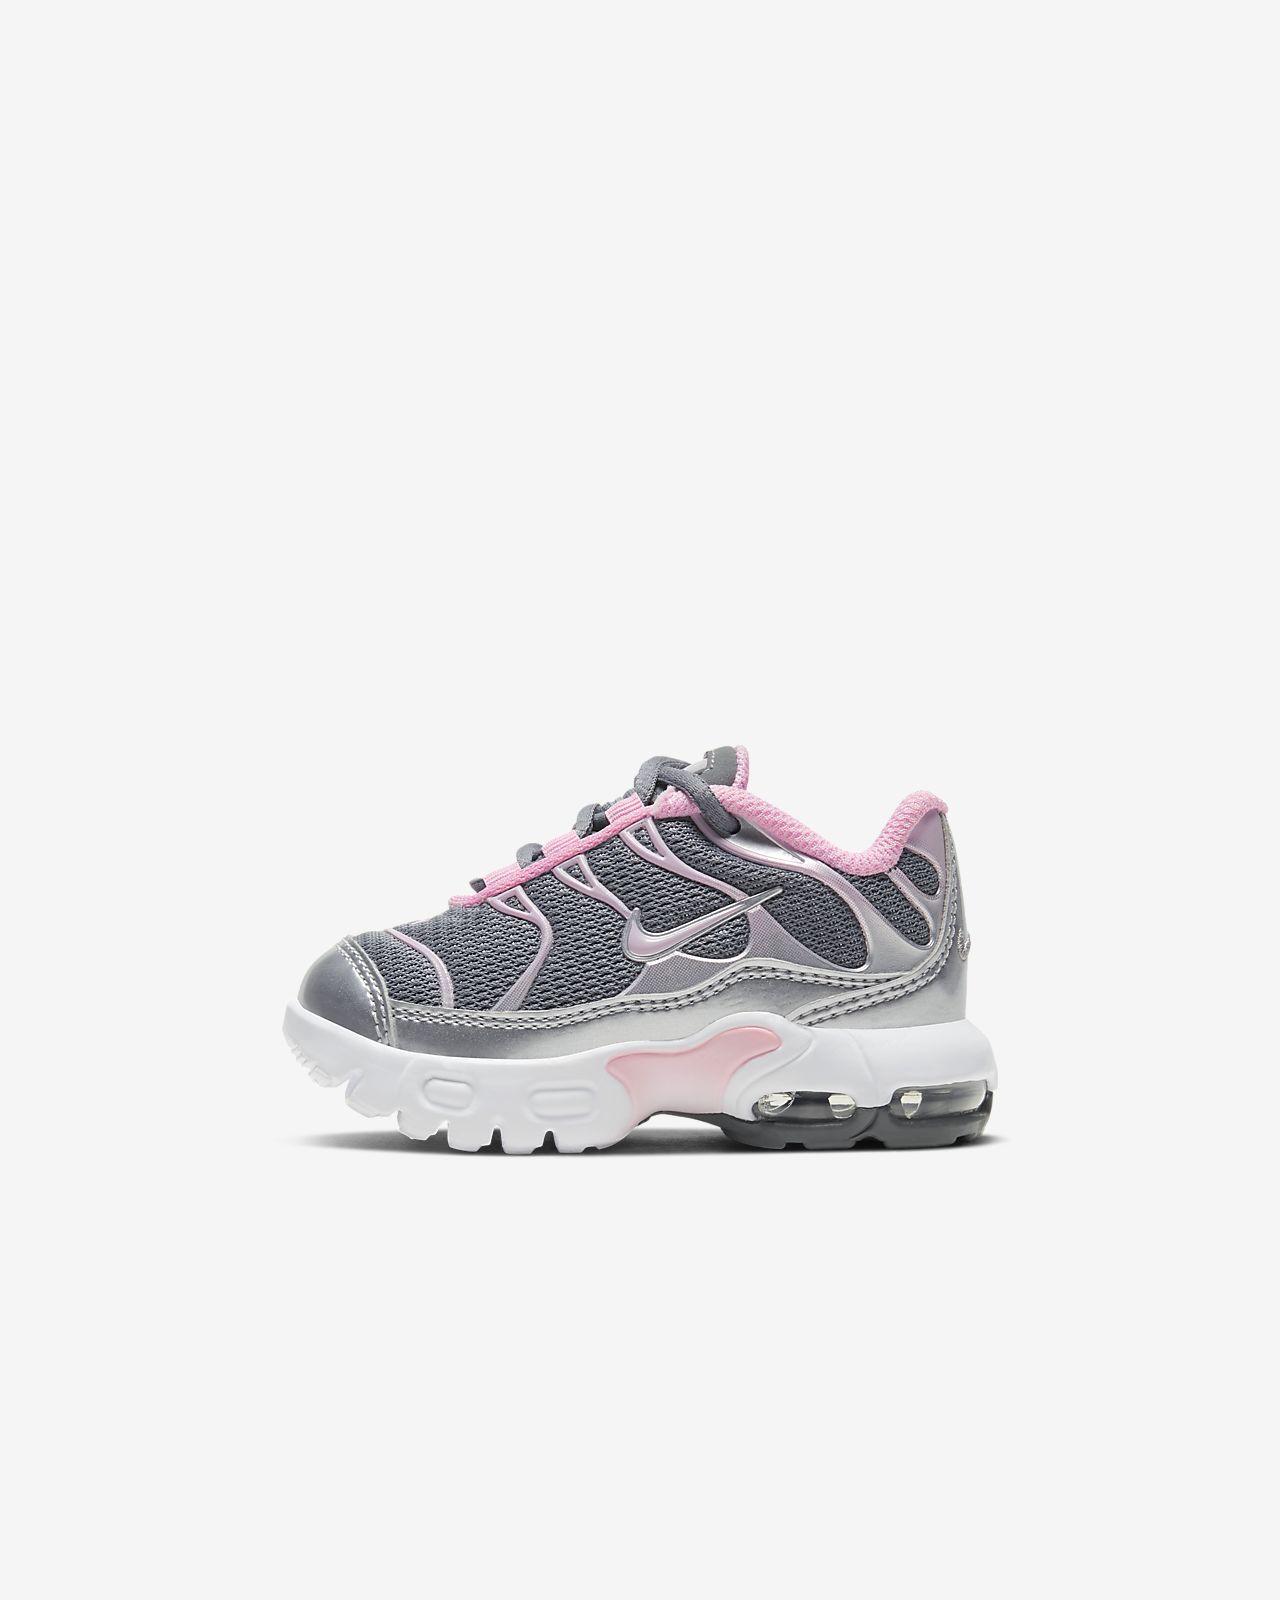 Nike Air Max Plus Baby/Toddler Shoe